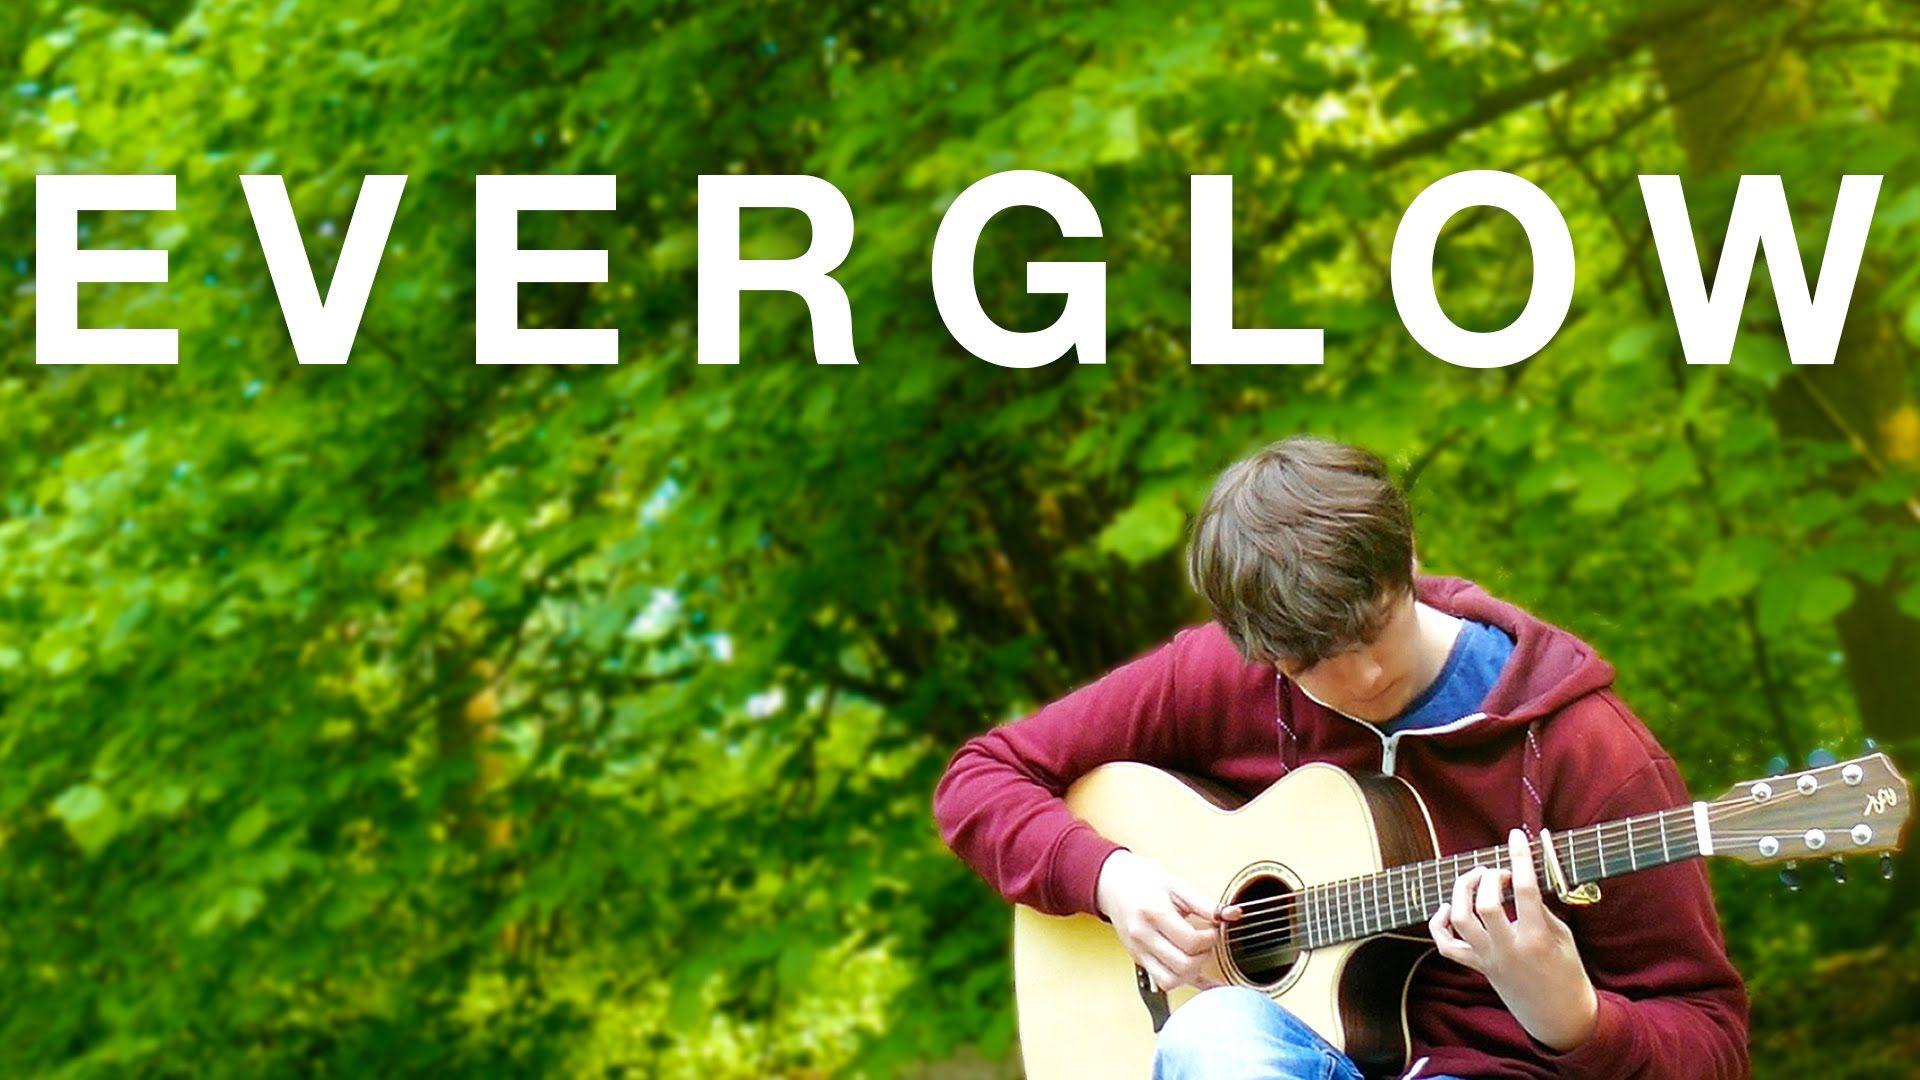 Everglow - Coldplay [Fingerstyle Guitar Cover by Eddie van der Meer]